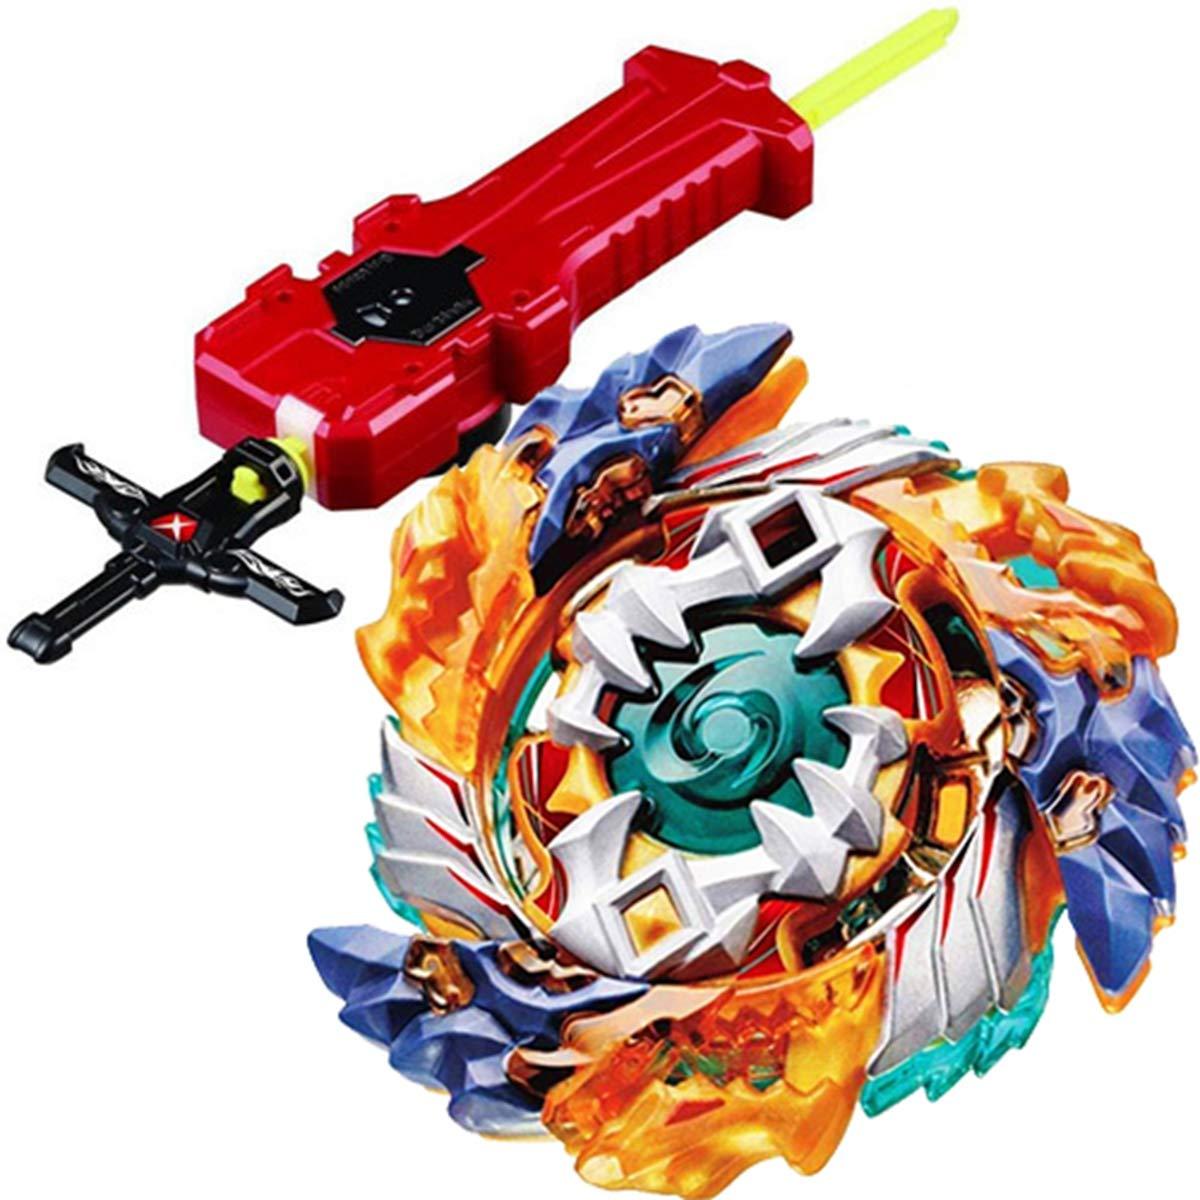 Sword Launcher Bey Burst Blade Evolution Bey バトルブースターター ジャイロベイ ランチャーグリップキット付き B-122 ゲリストファファファファニア 8フィート ゲーム ブレードベイセット バトリングトップス 面白い ノベルティ スピニングトイ 男の子向けギフト B07KV2SPKX